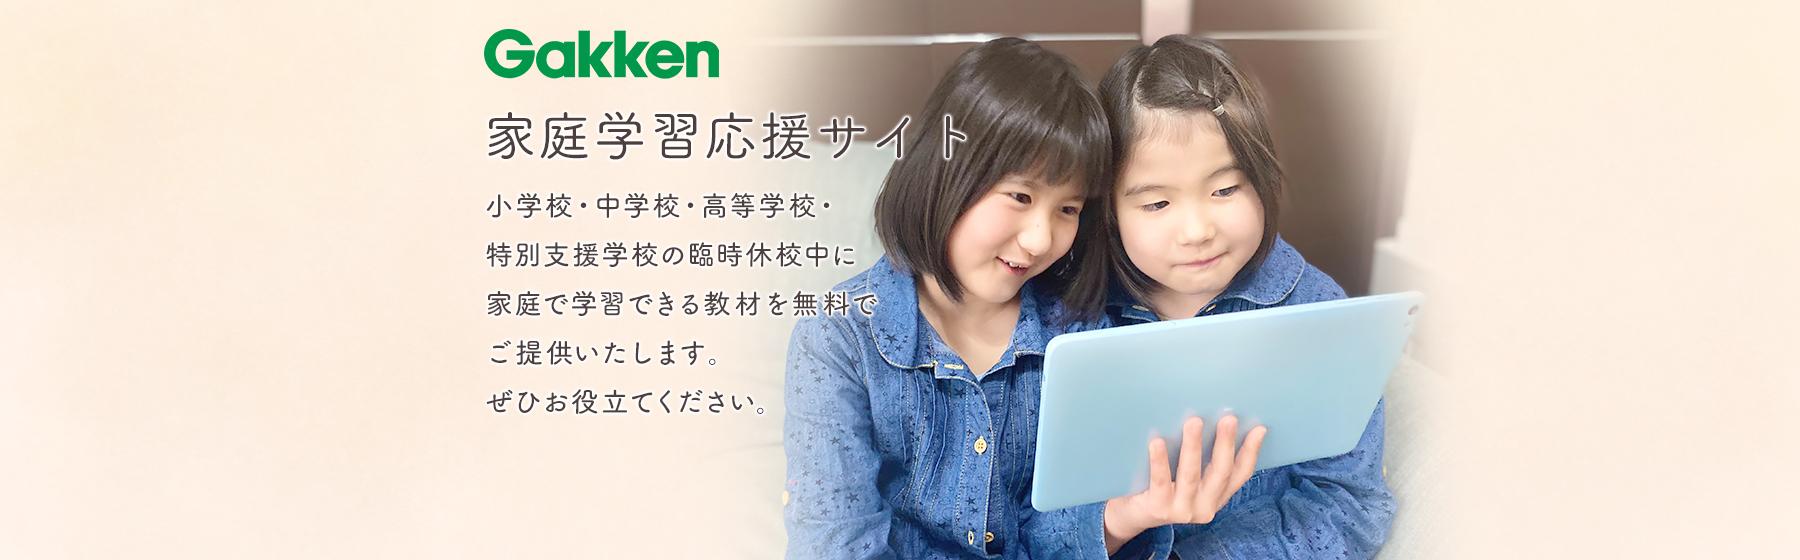 家庭学習応援サイト